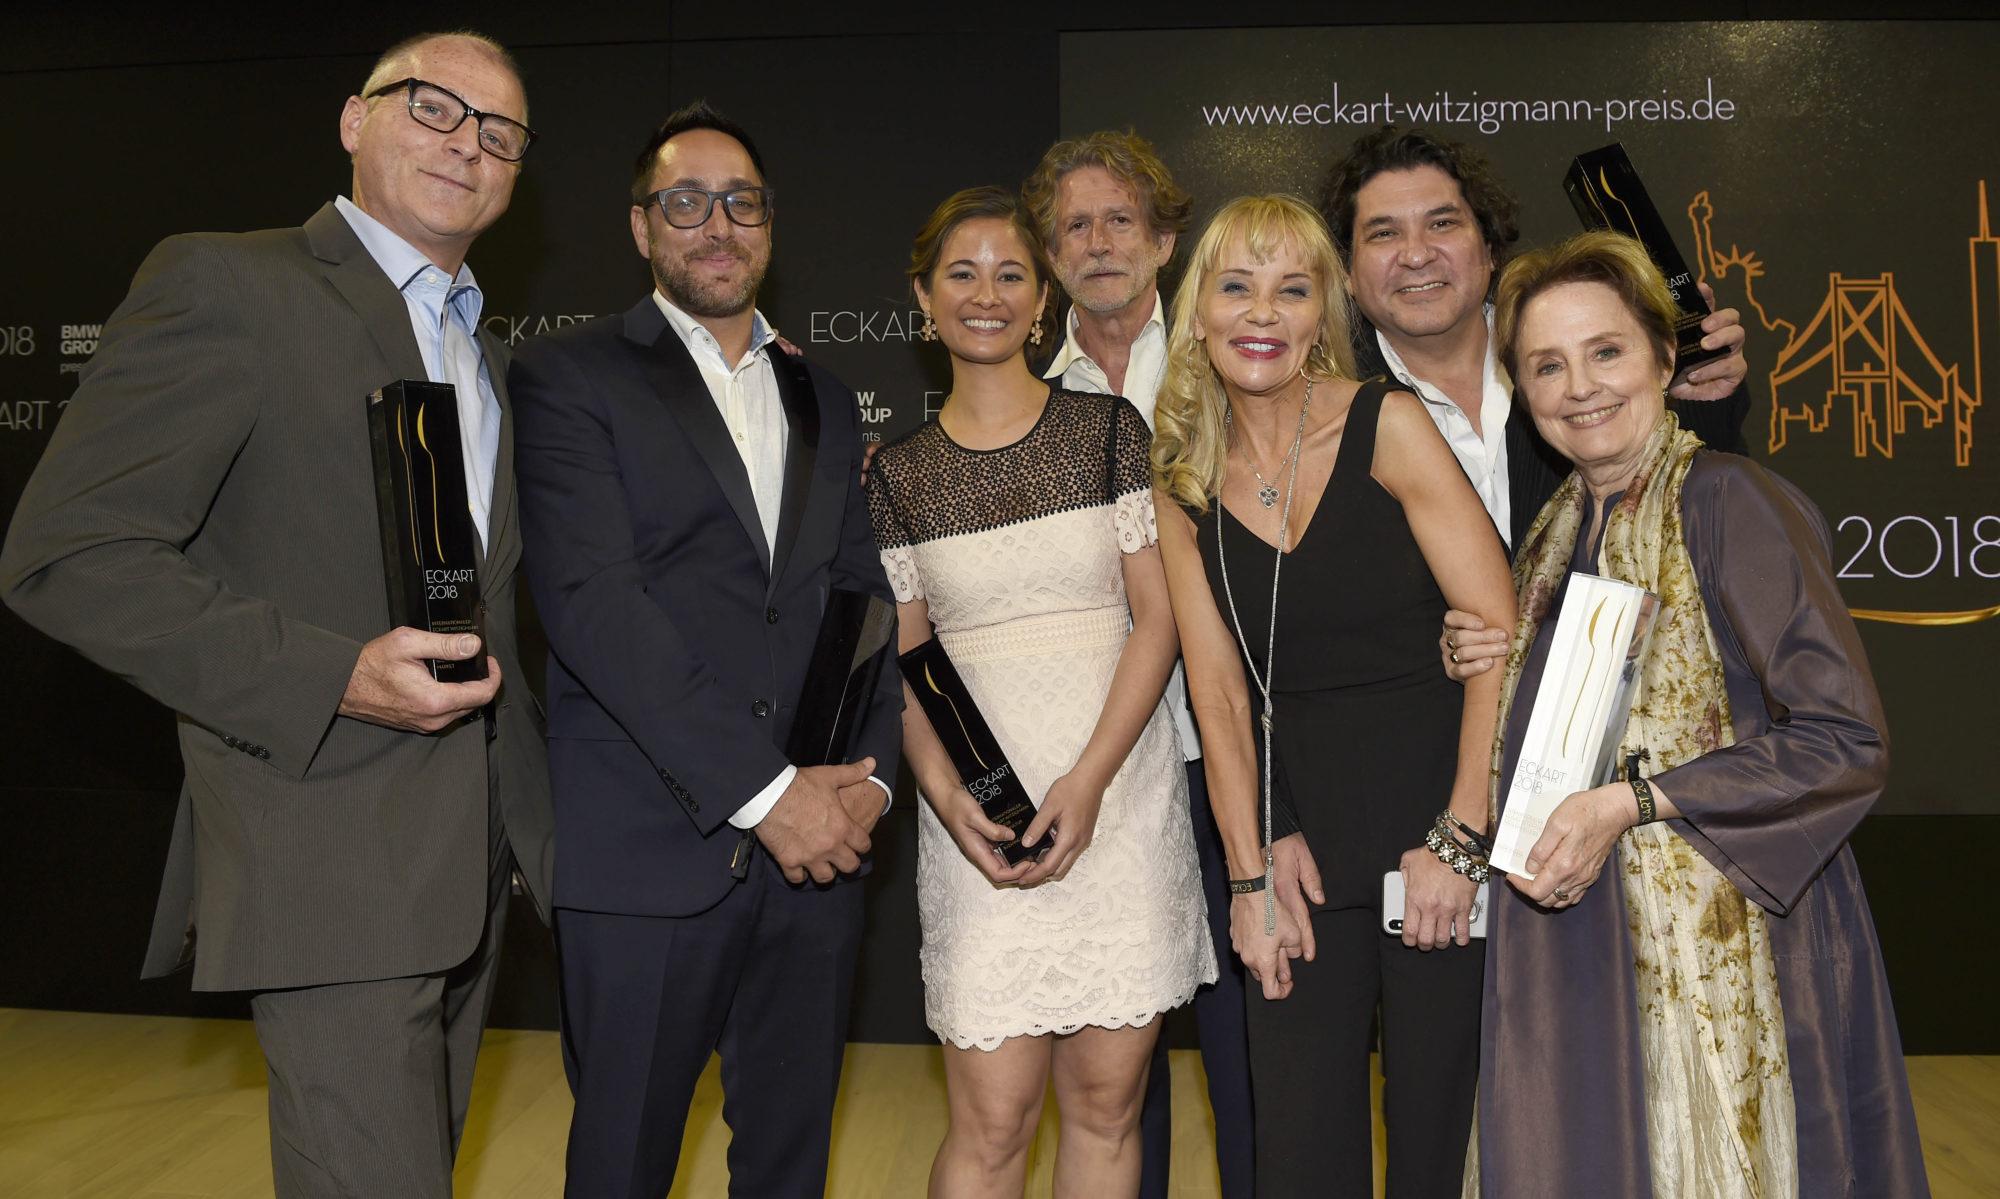 Internationaler Eckart Witzigmann Preis